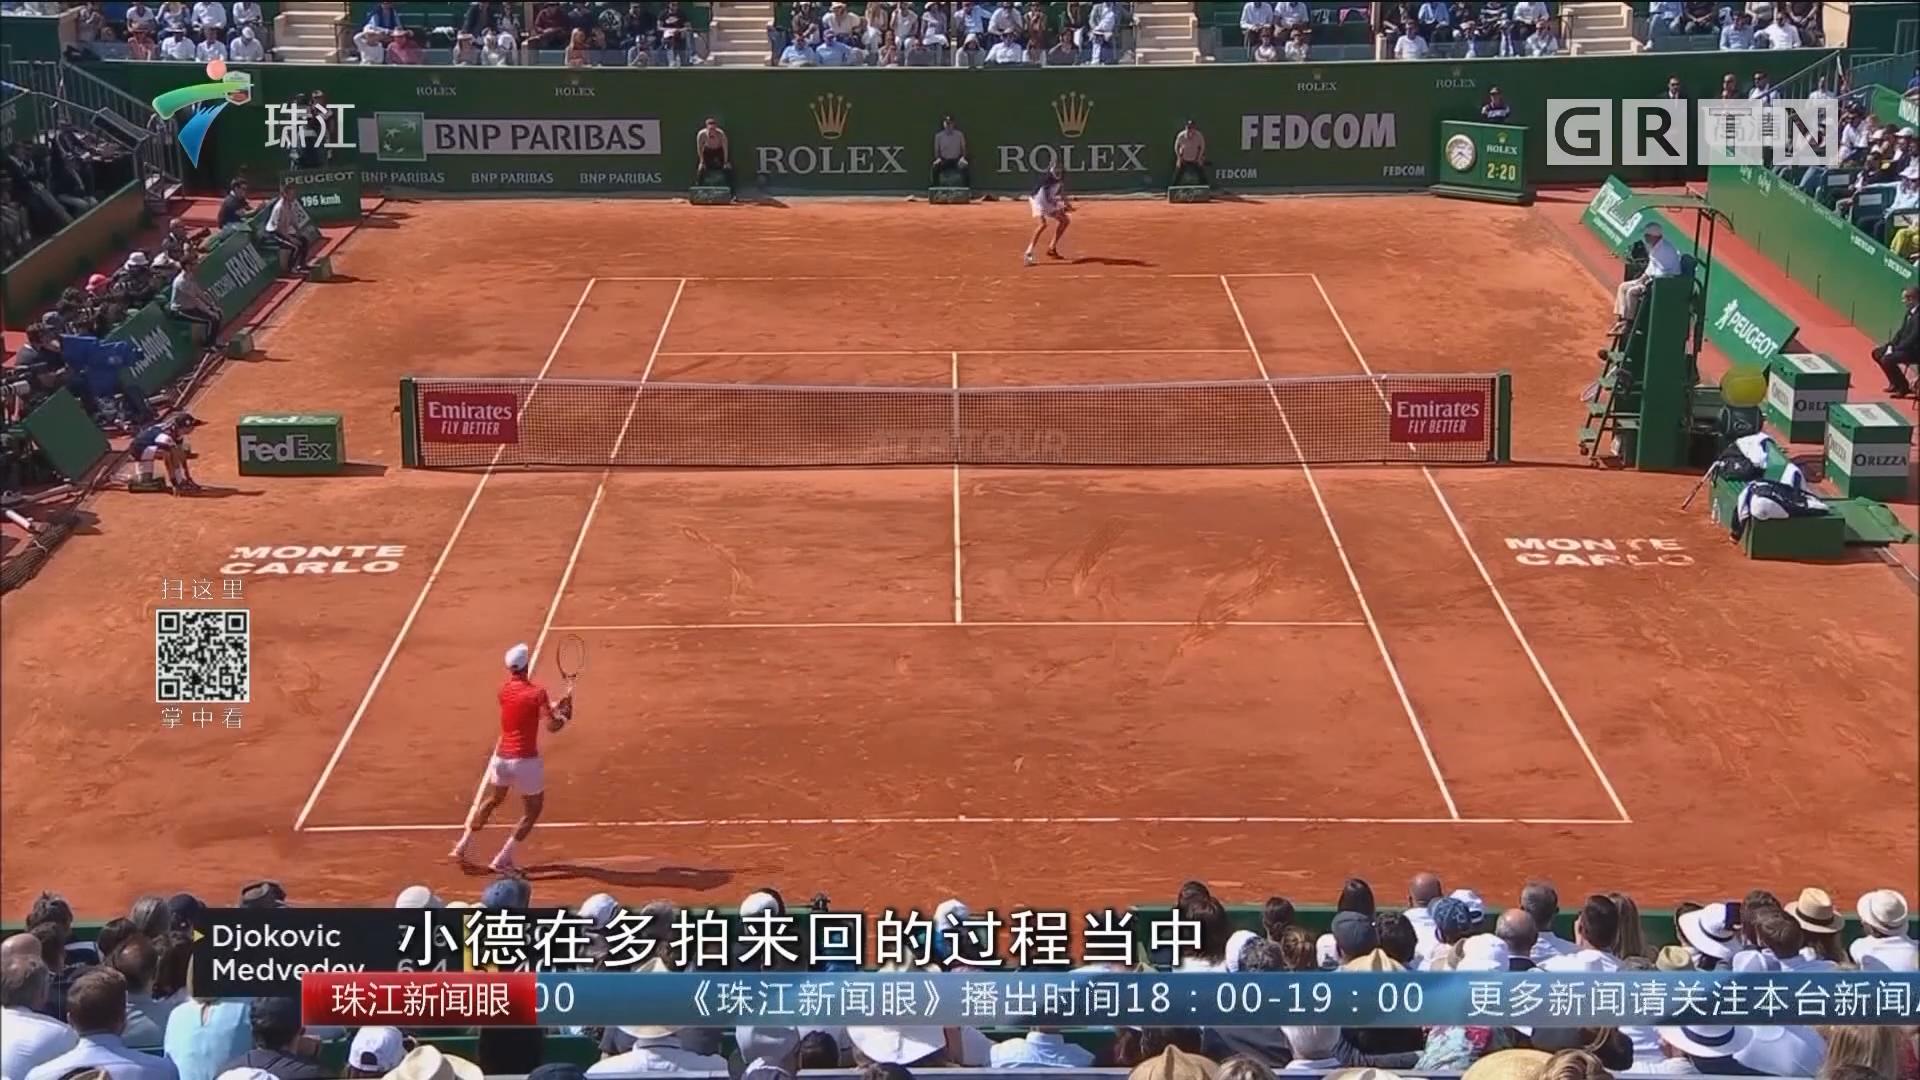 ATP1000蒙特卡洛大师赛:德约科维奇遭淘汰